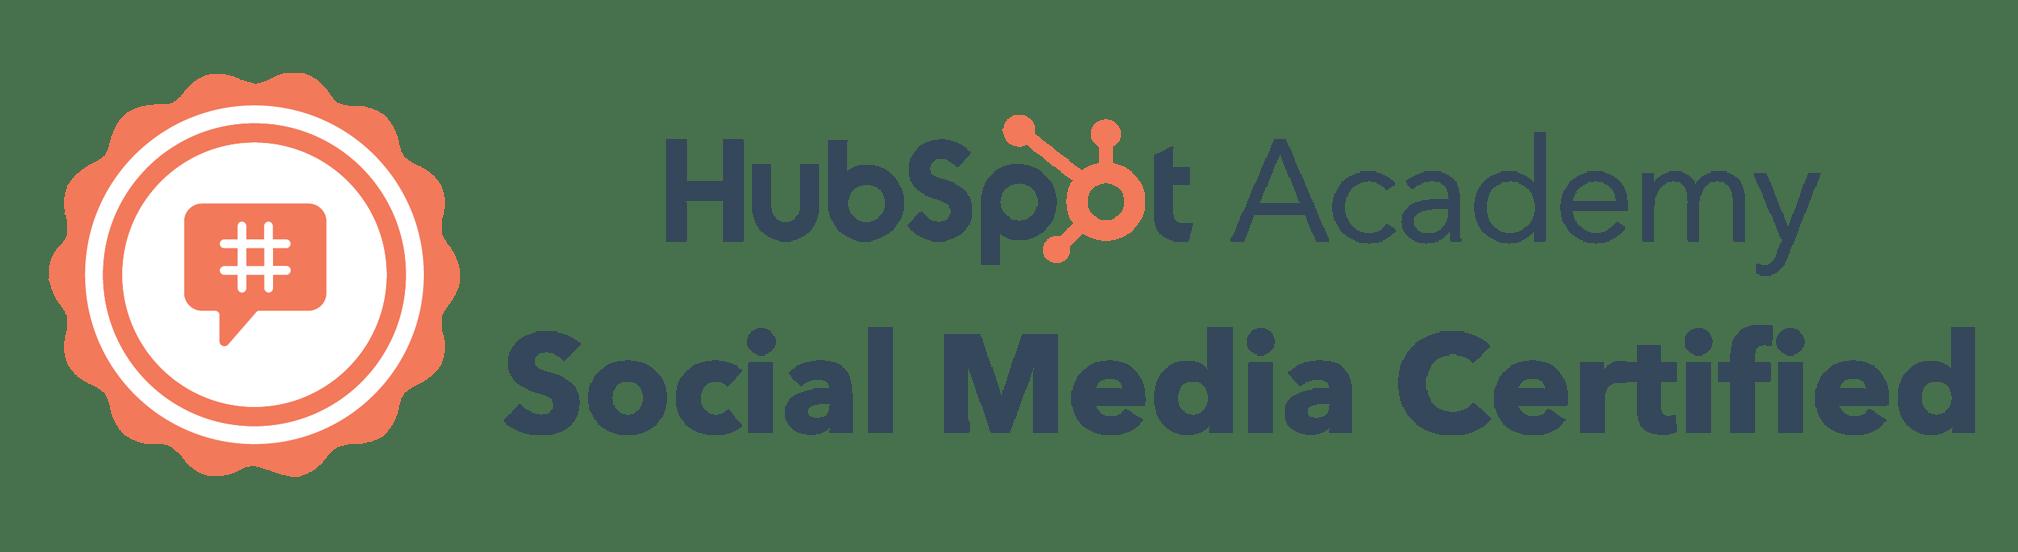 hubspot socialmedia